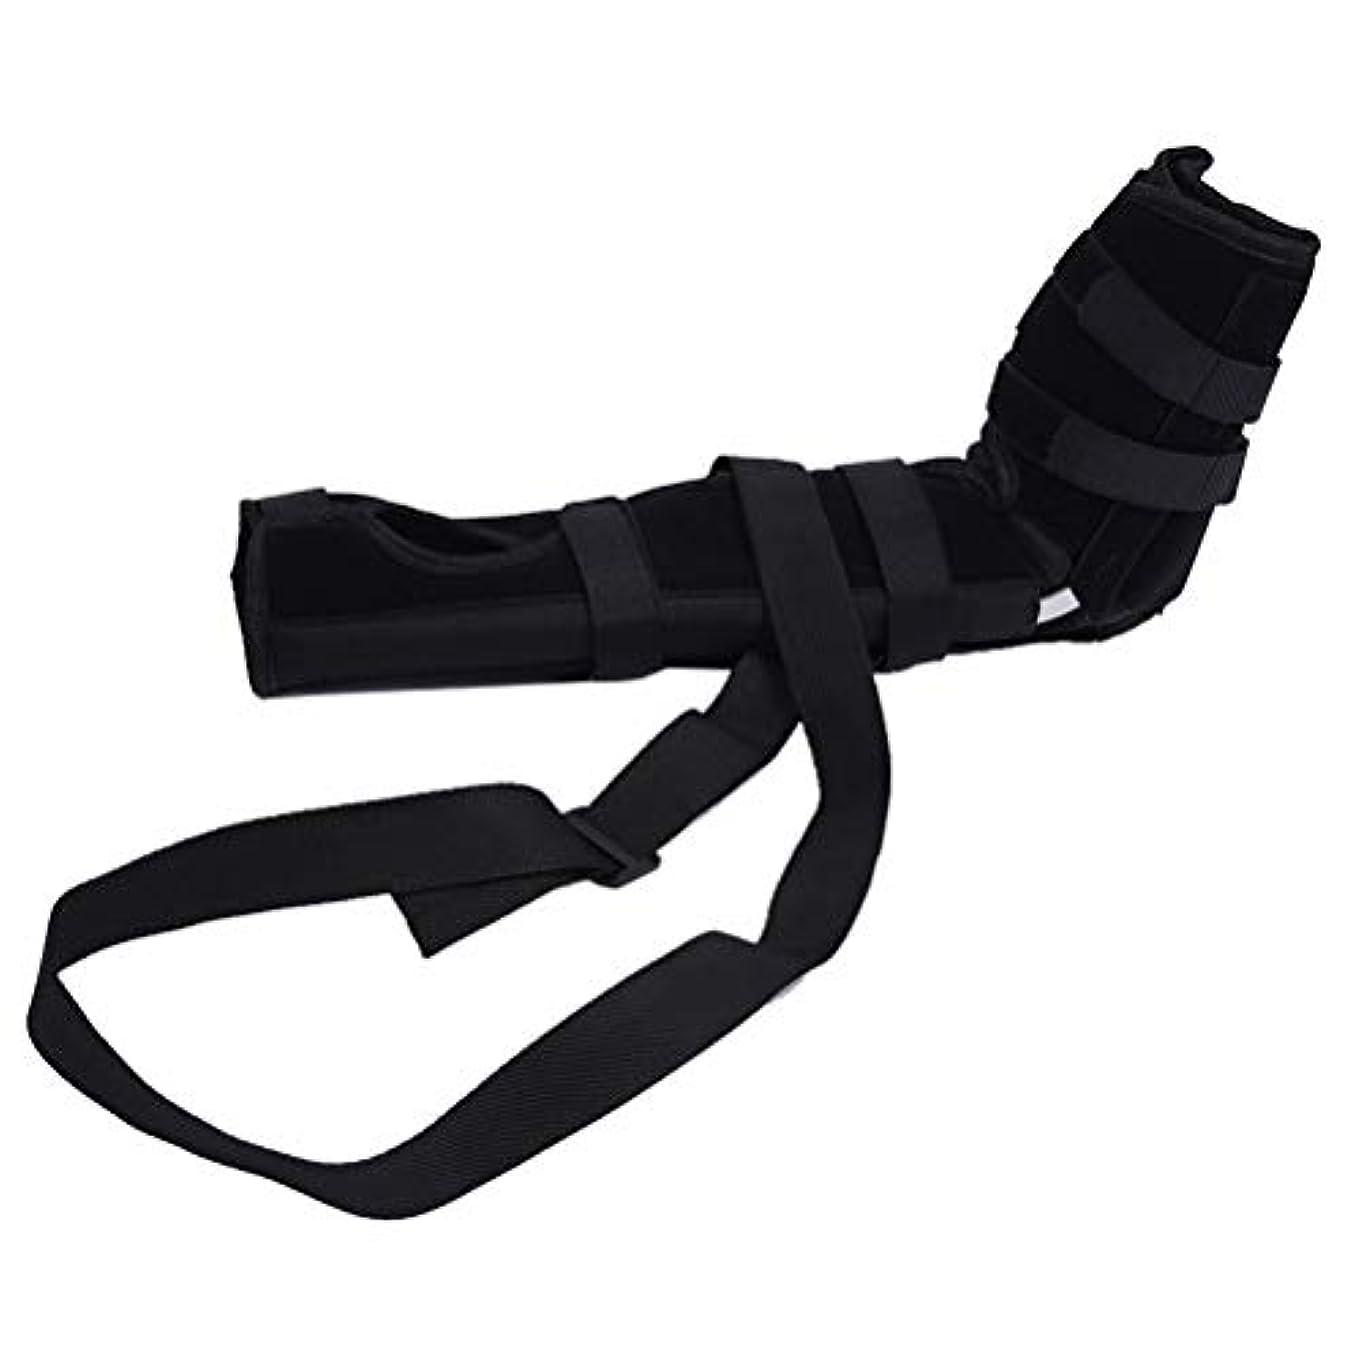 交通トランザクション返還SUPVOX 肘ブレース 関節サポート アームリーダー 保護 固定 腕つり 関節 保護 男女兼用 調節可能 通気性 術後ケアブレース(ブラック サイズS)